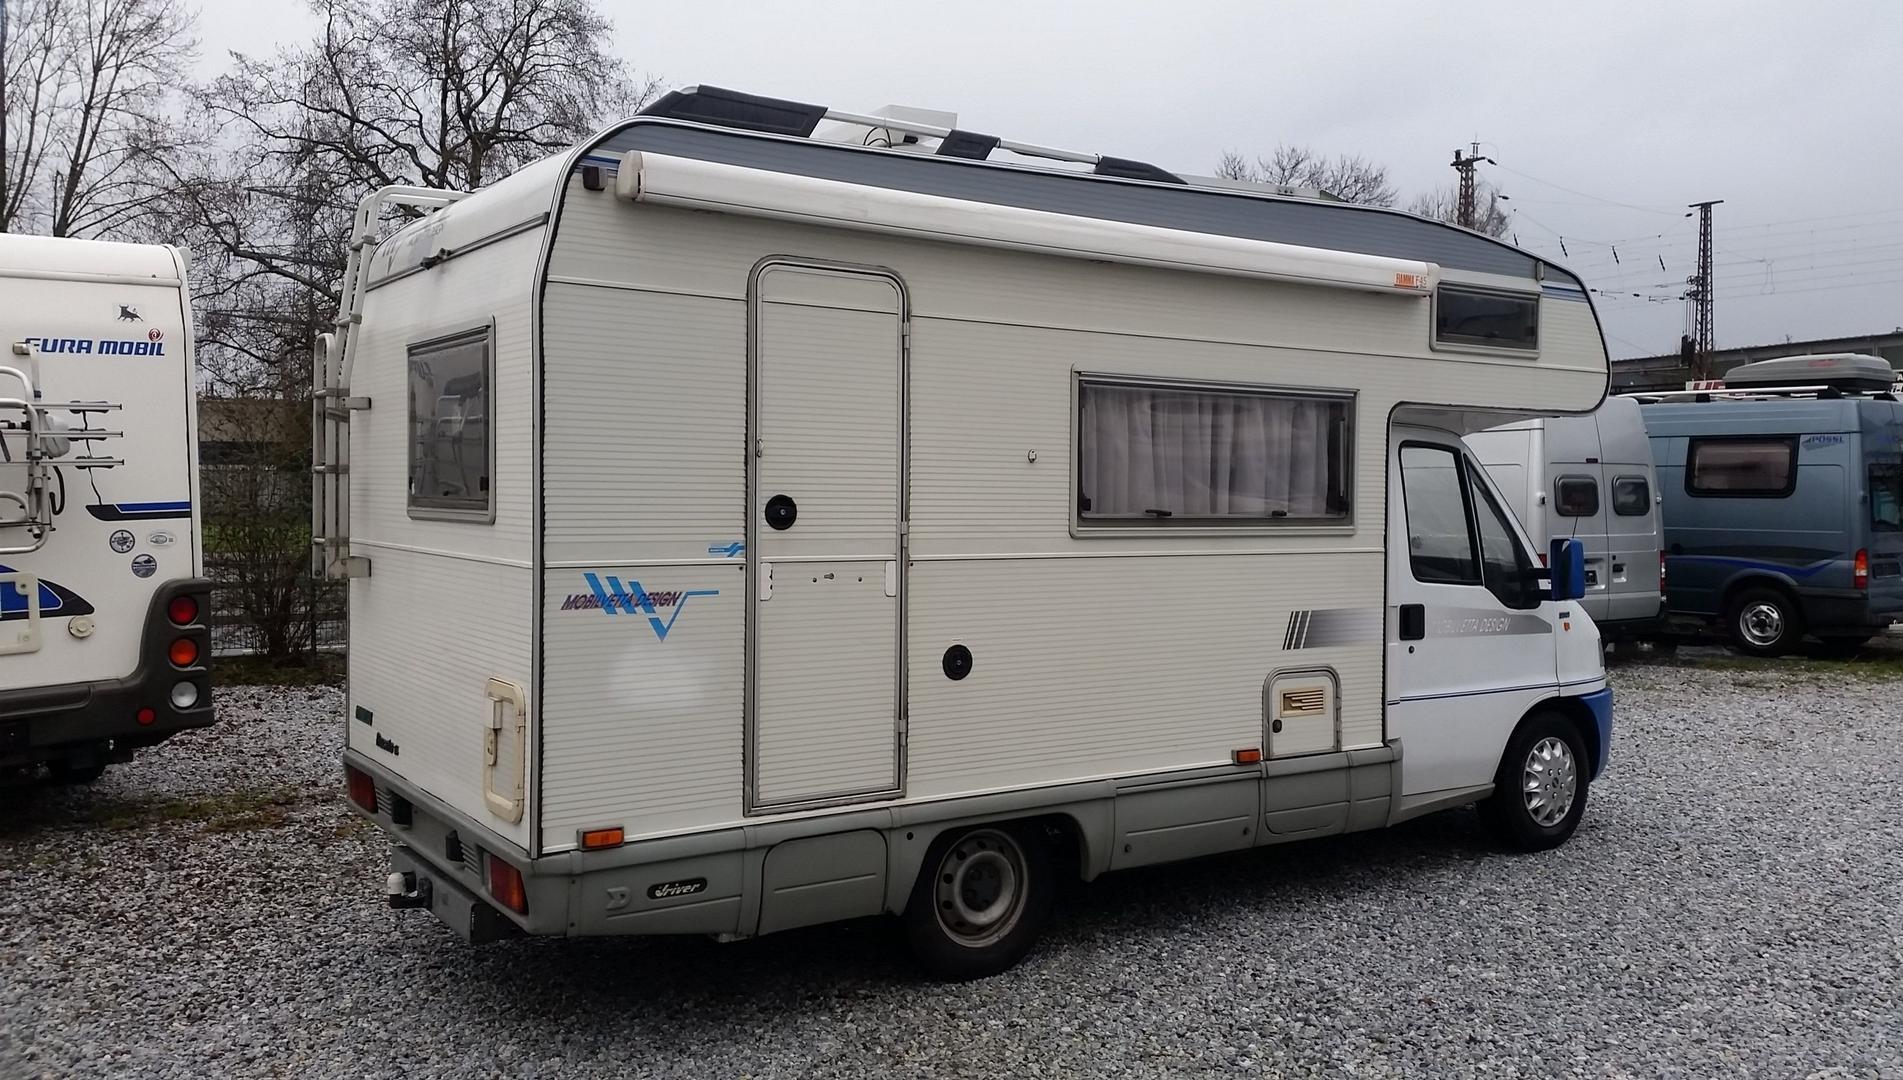 Wohnmobile mieten & vermieten - Wohnmobil zu vermieten / Wohnmobilvermietung kilometerfrei in Mülheim an der Ruhr